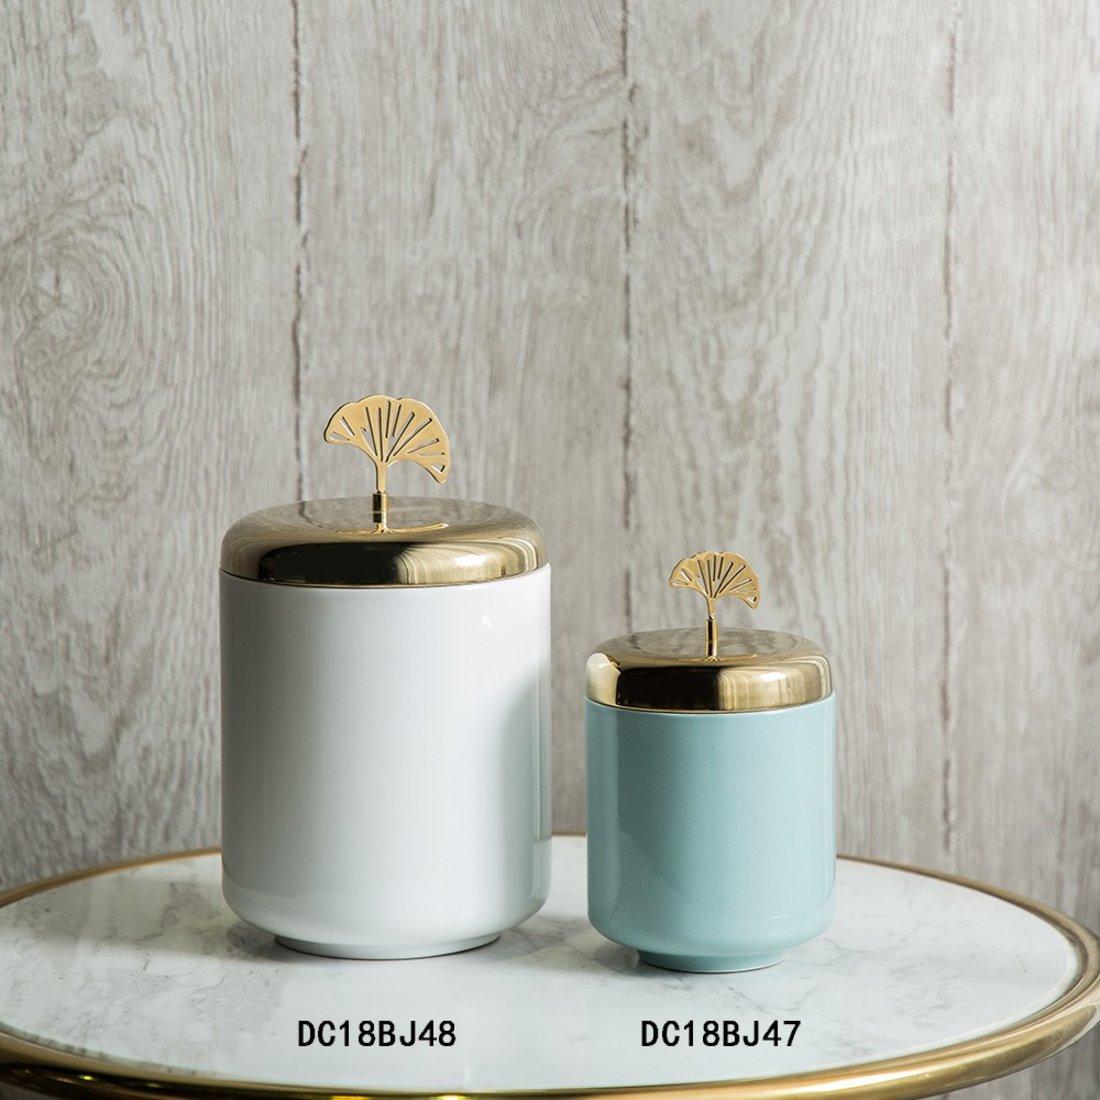 银杏韵 储物罐 陶瓷材质 桌面储物罐摆件 家居软装